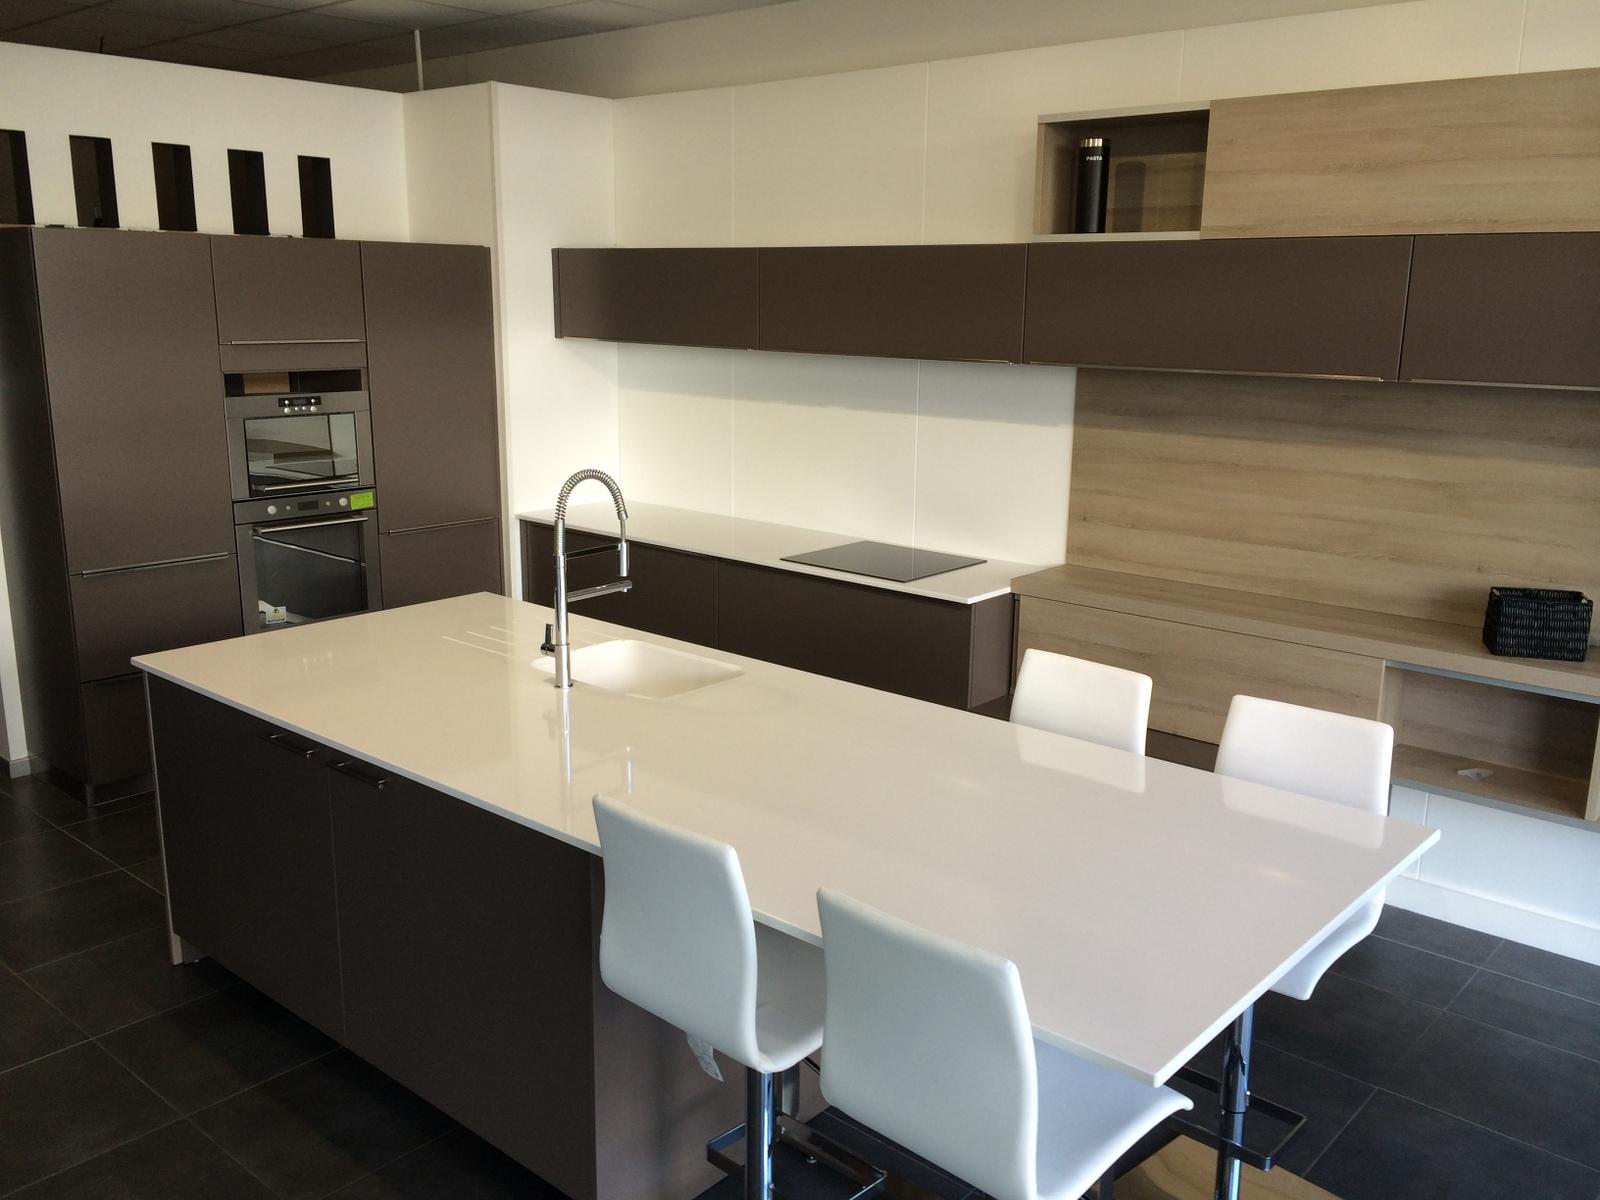 Дизайн кухни с барной стойкой в стиле минимализм